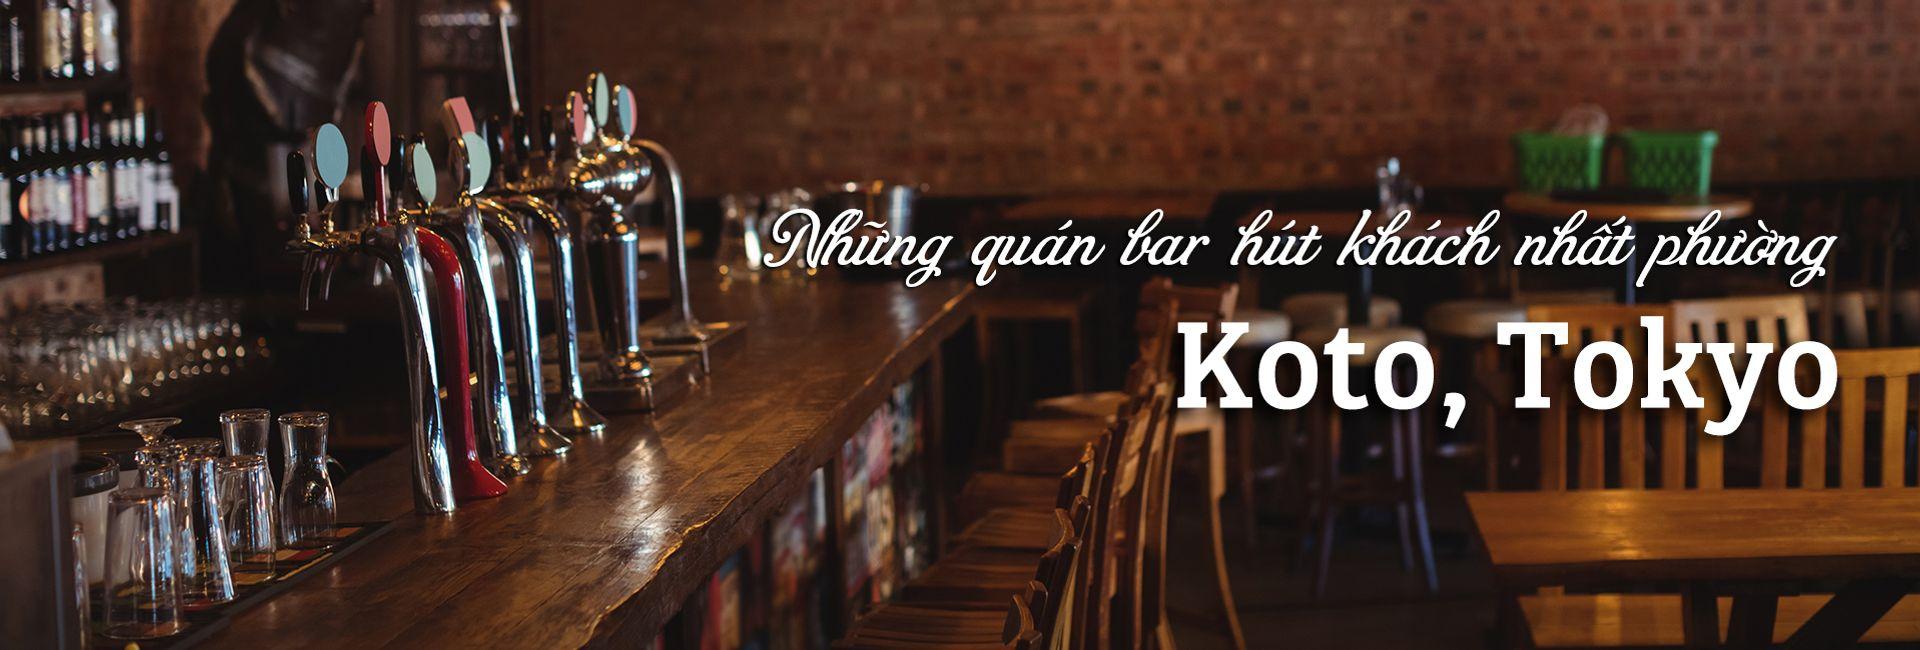 Top 5 quán bar hút khách hàng đầu ở phường Koto, Tokyo